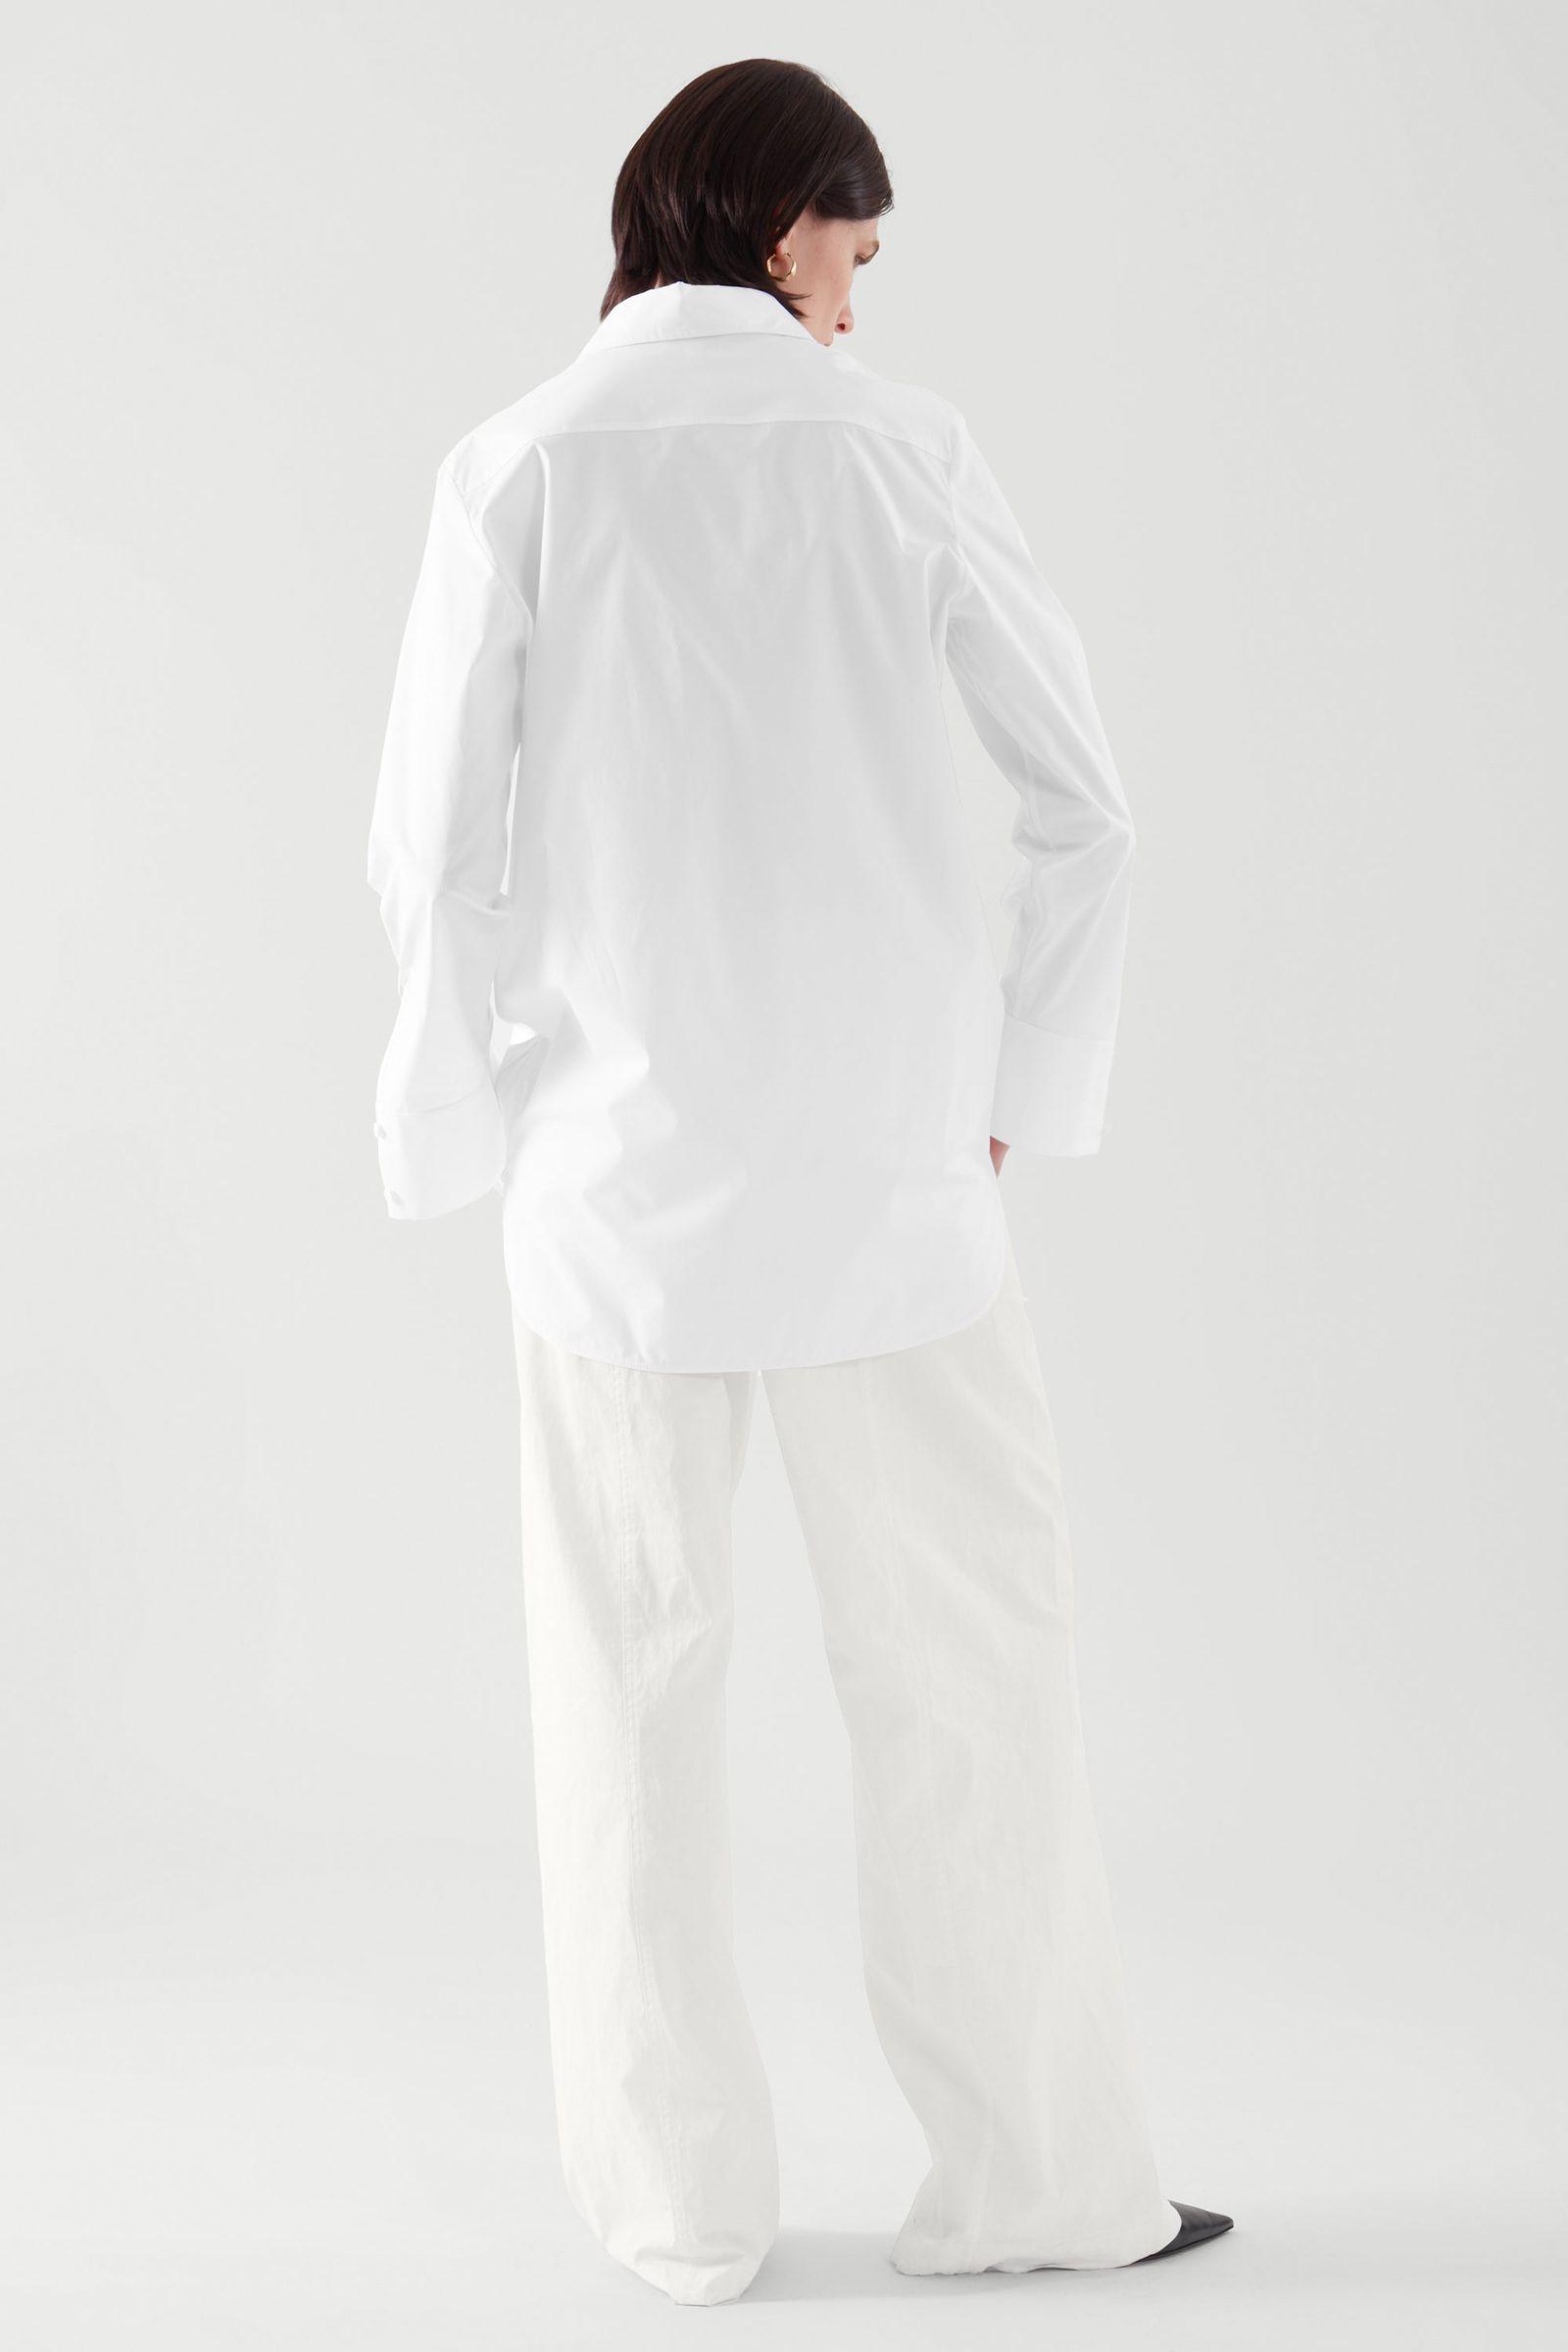 COS 레귤러 핏 유틸리티 셔츠의 화이트컬러 ECOMLook입니다.